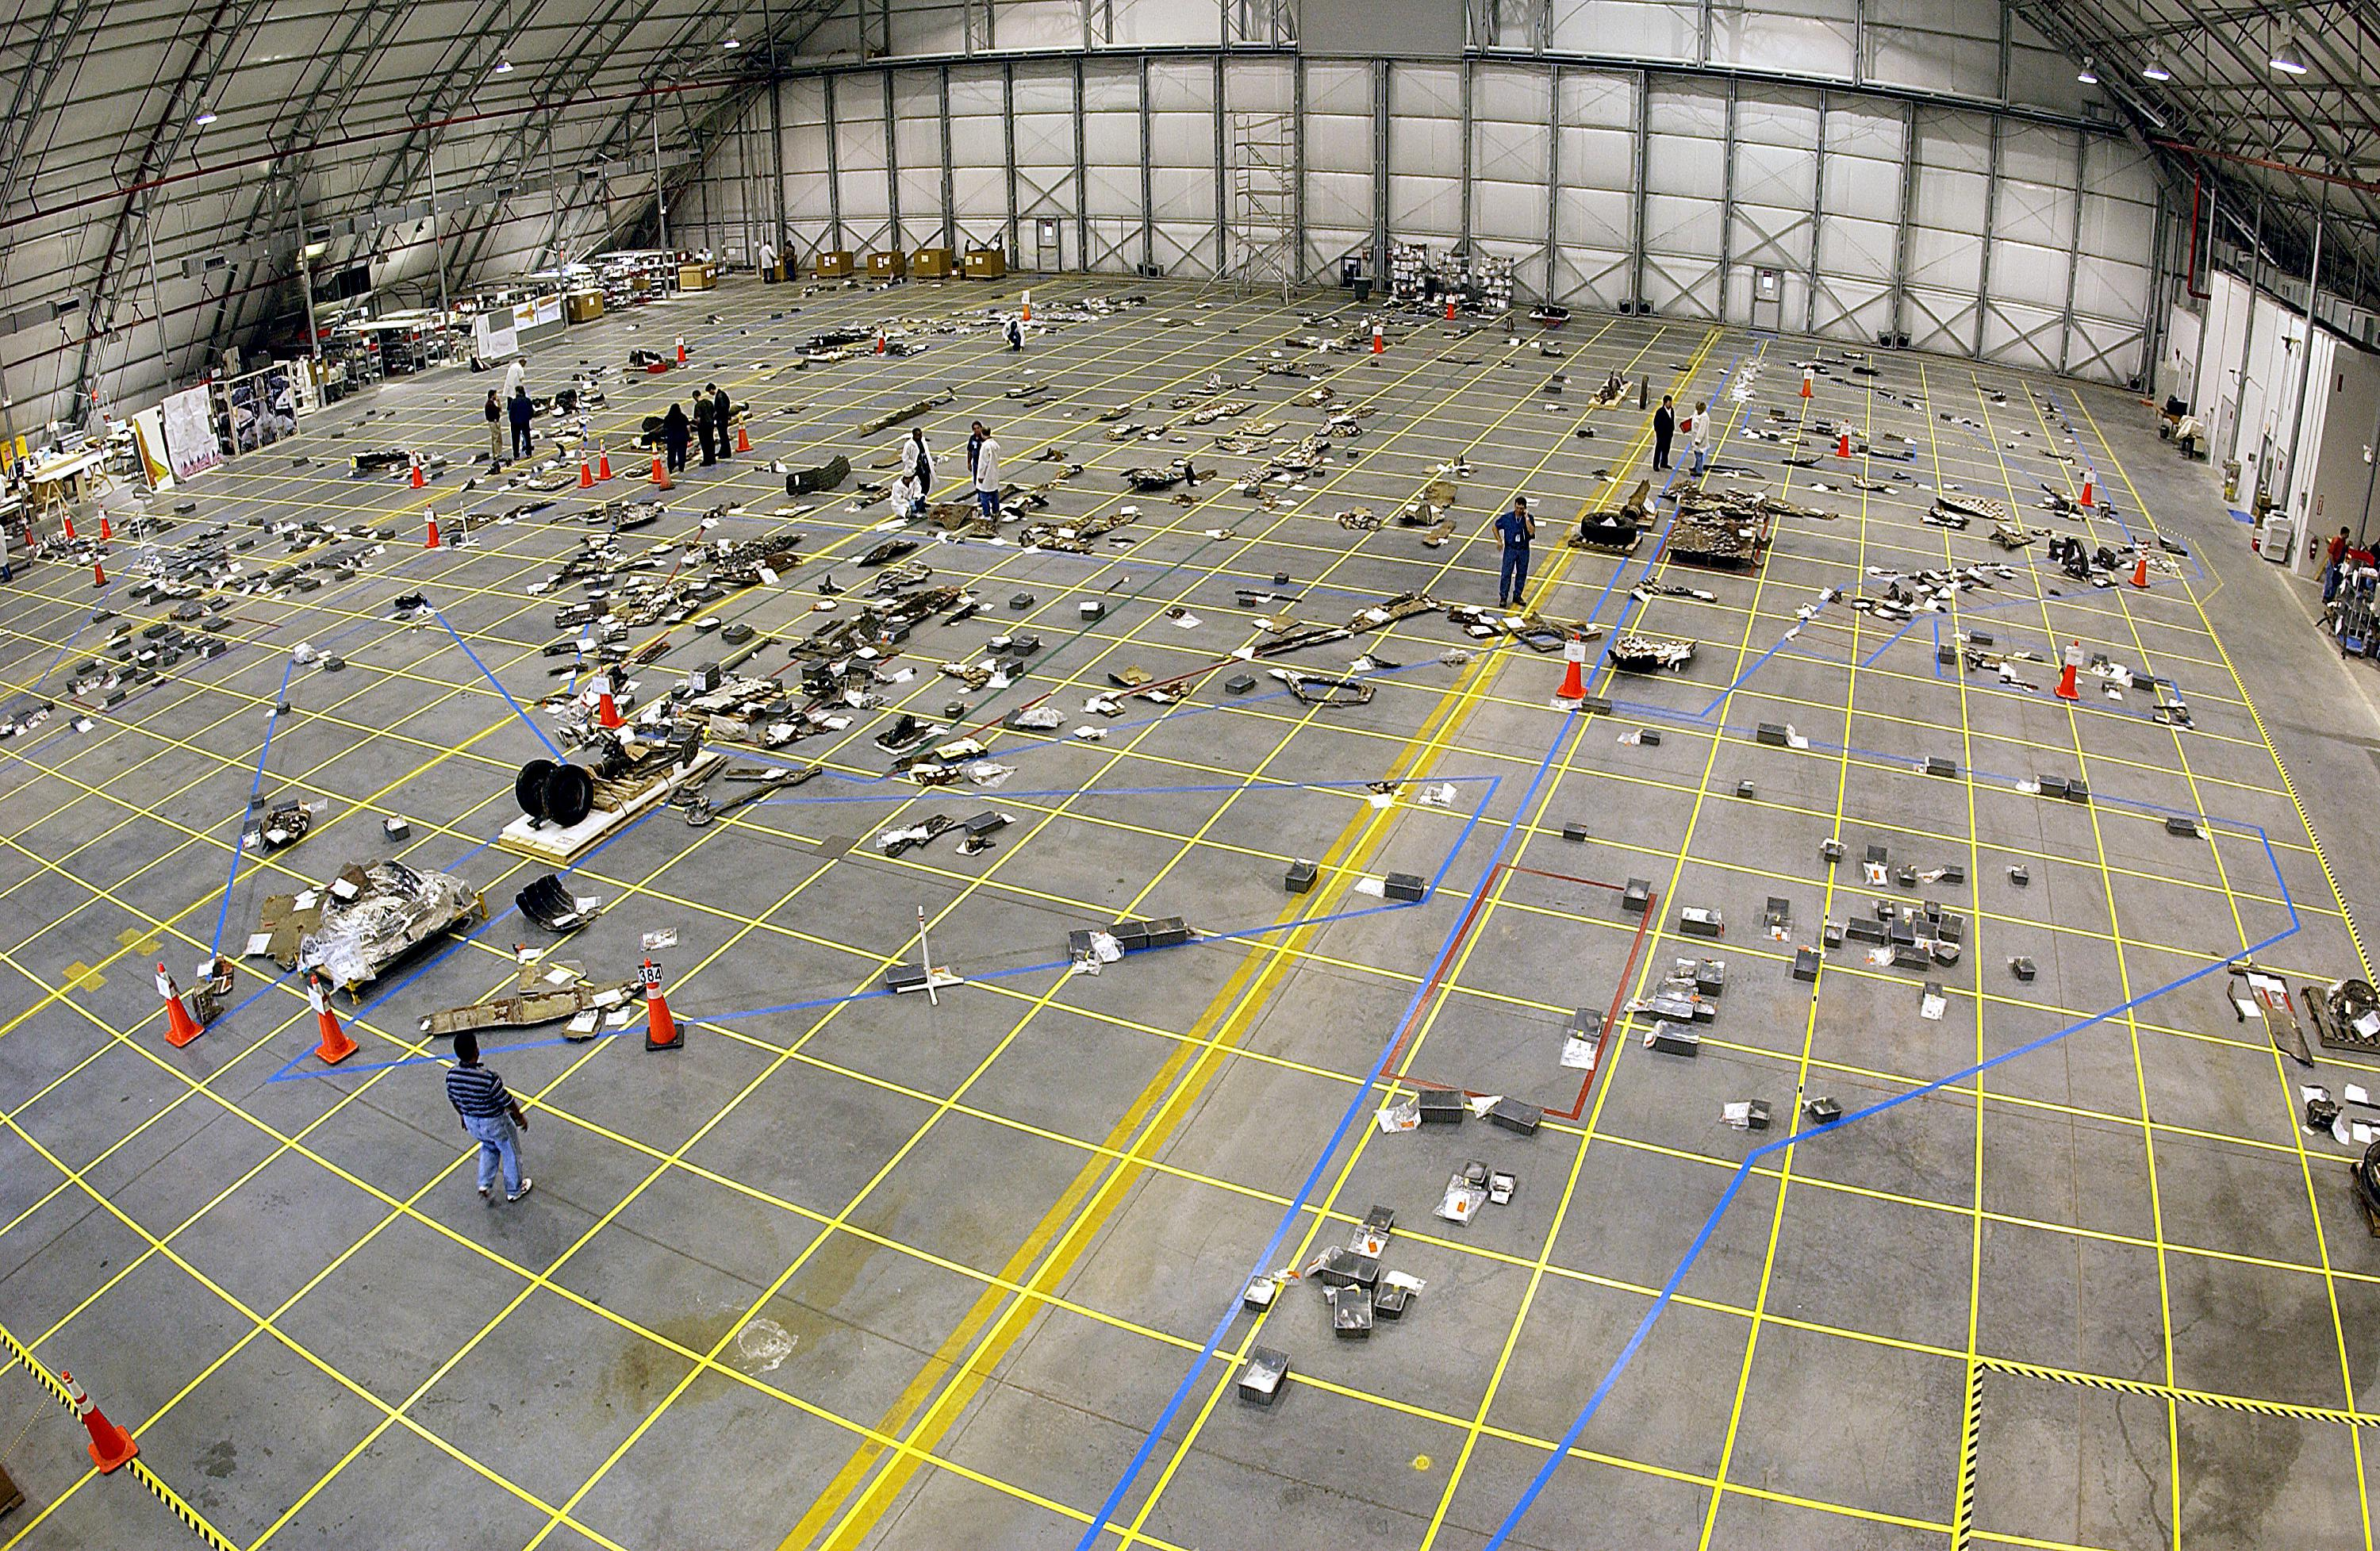 Umiestňovanie trosiek raketoplánu na vyznačené pozície na veľkom nákrese na podlahe hangáru. Na tomto obrázku je to umiestňovanie trosiek Columbie, ktorá havarovala vo februári 2003. Zdroj.